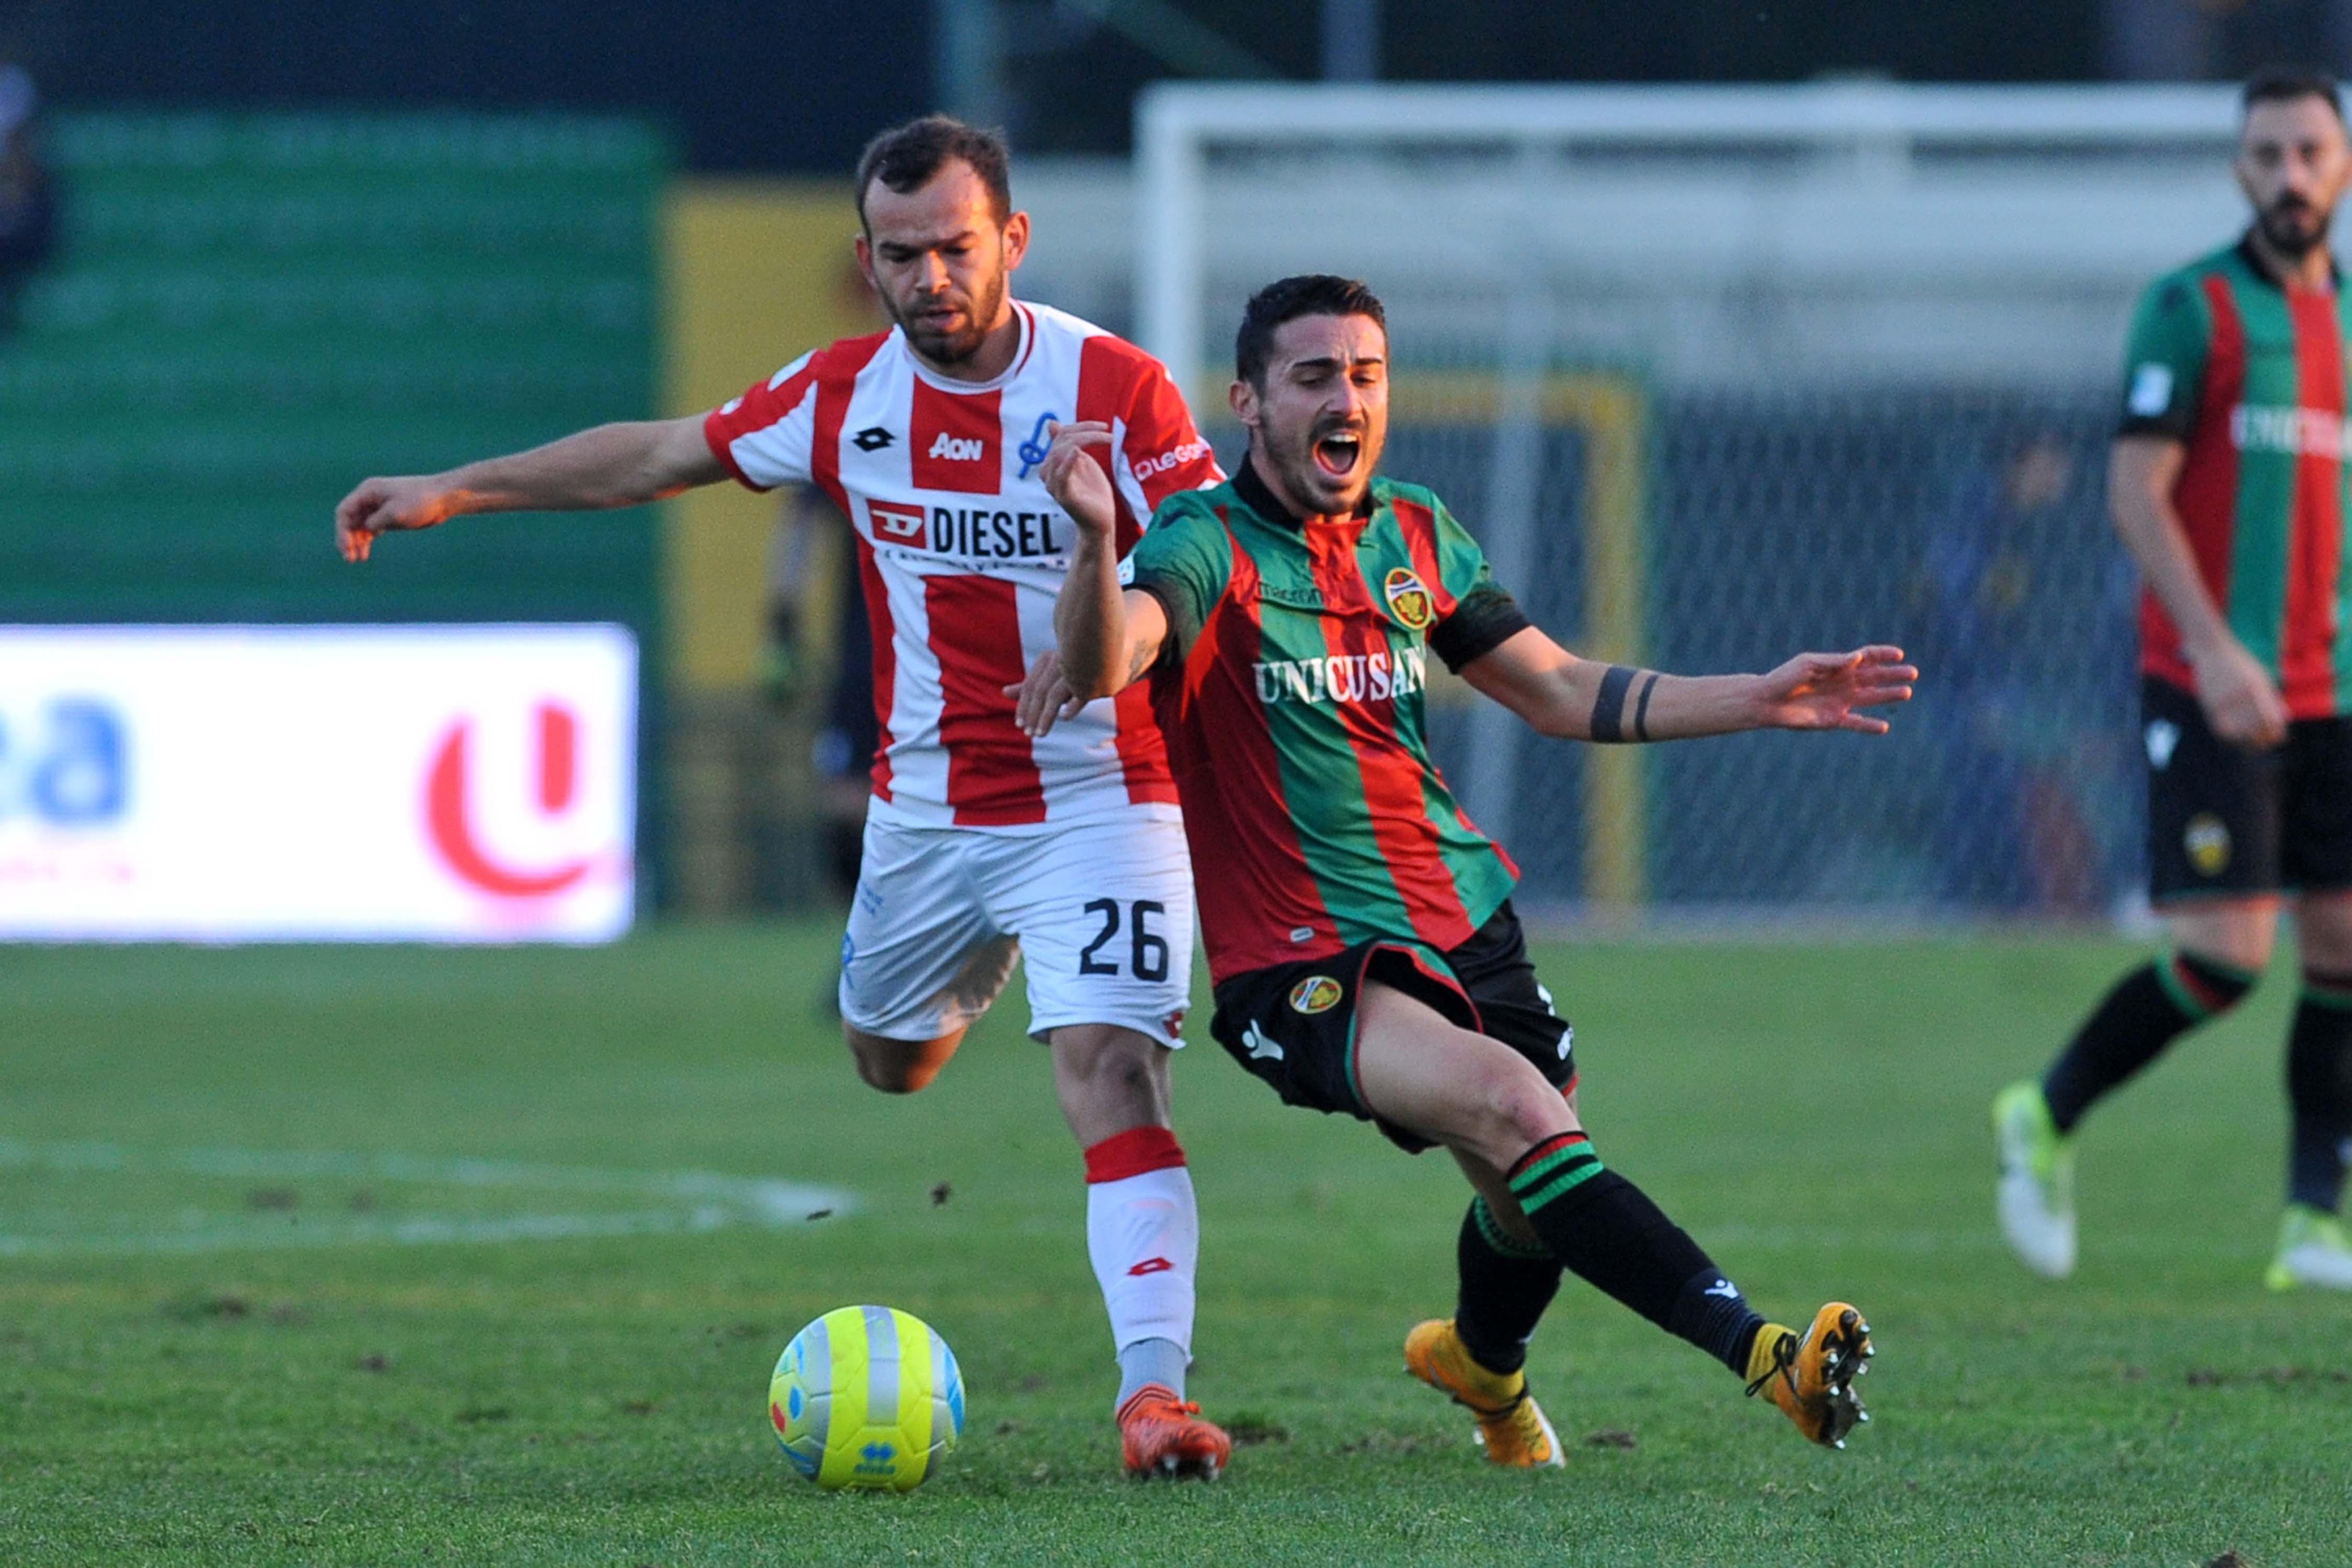 Calciomercato Lega Pro, il Vicenza centra un doppio colpo in entrata